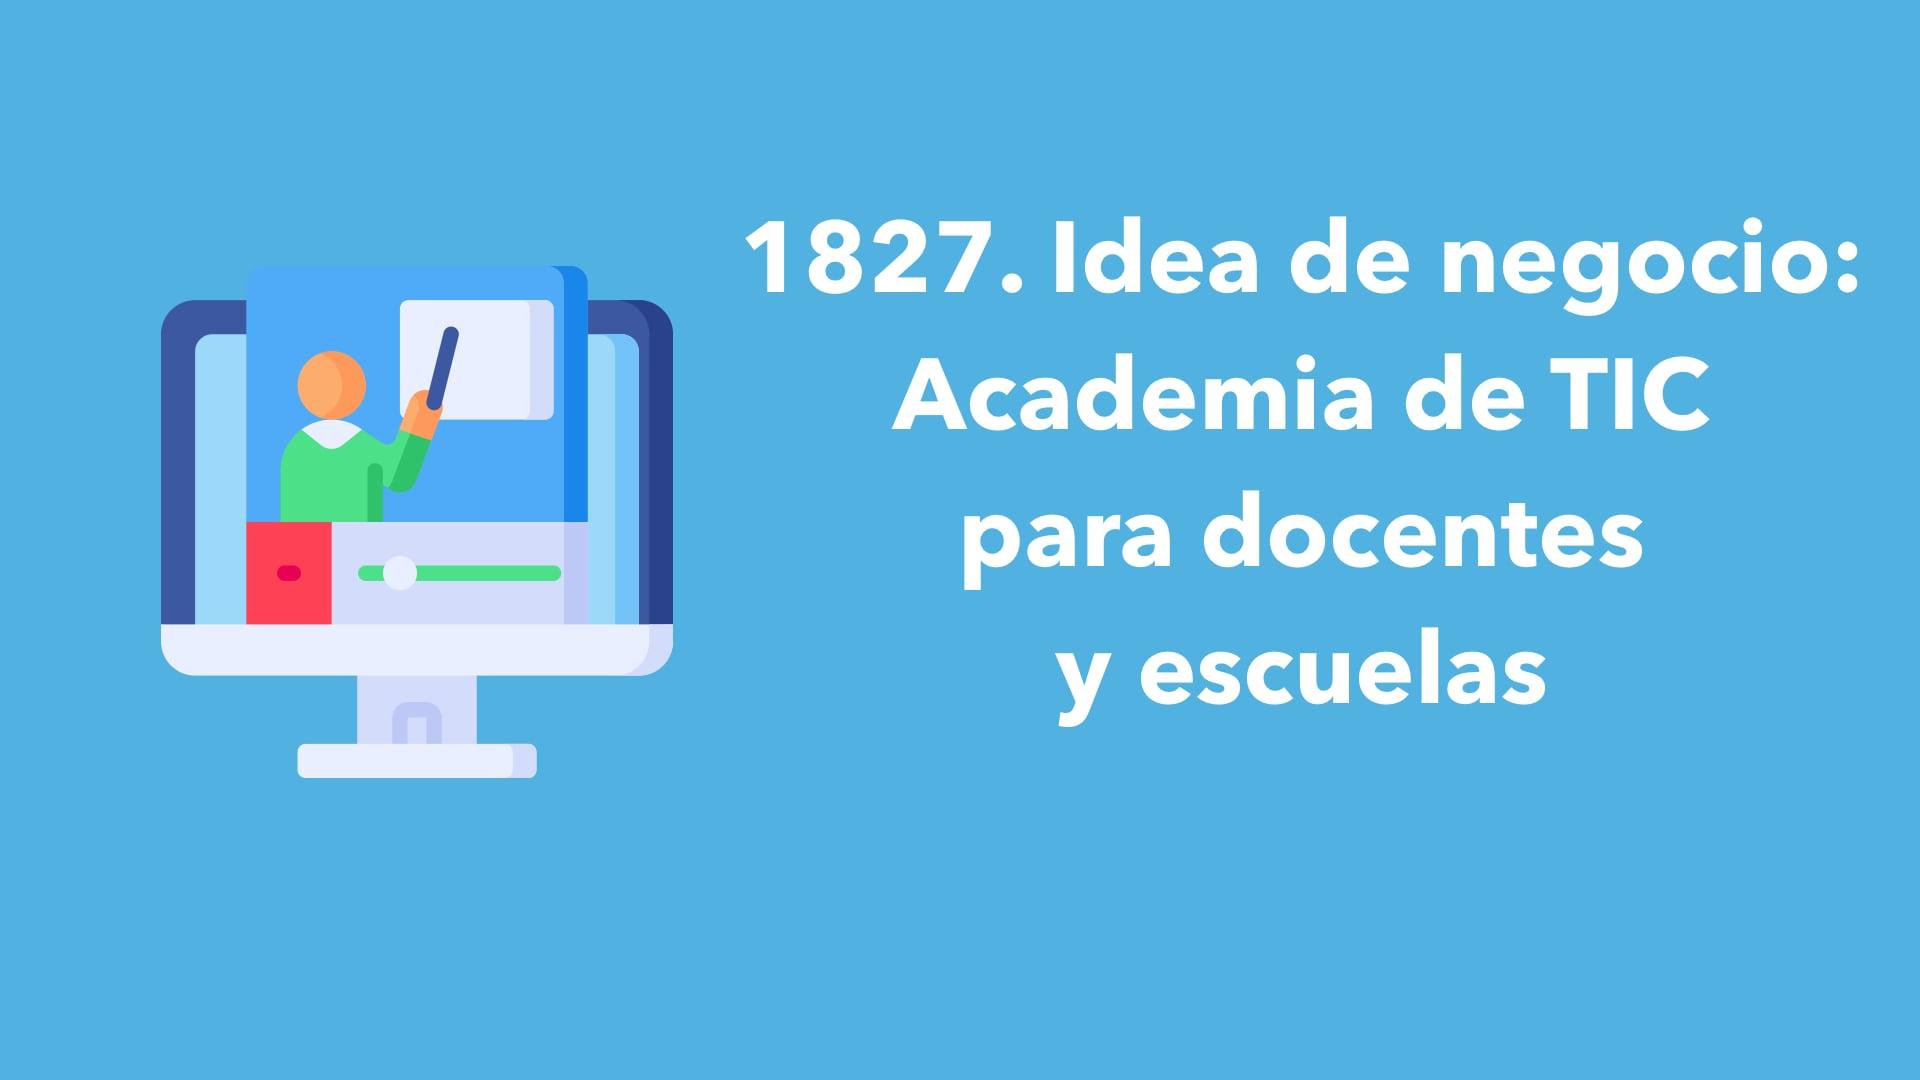 1827. Idea de negocio: Academia de TIC para docentes y escuelas